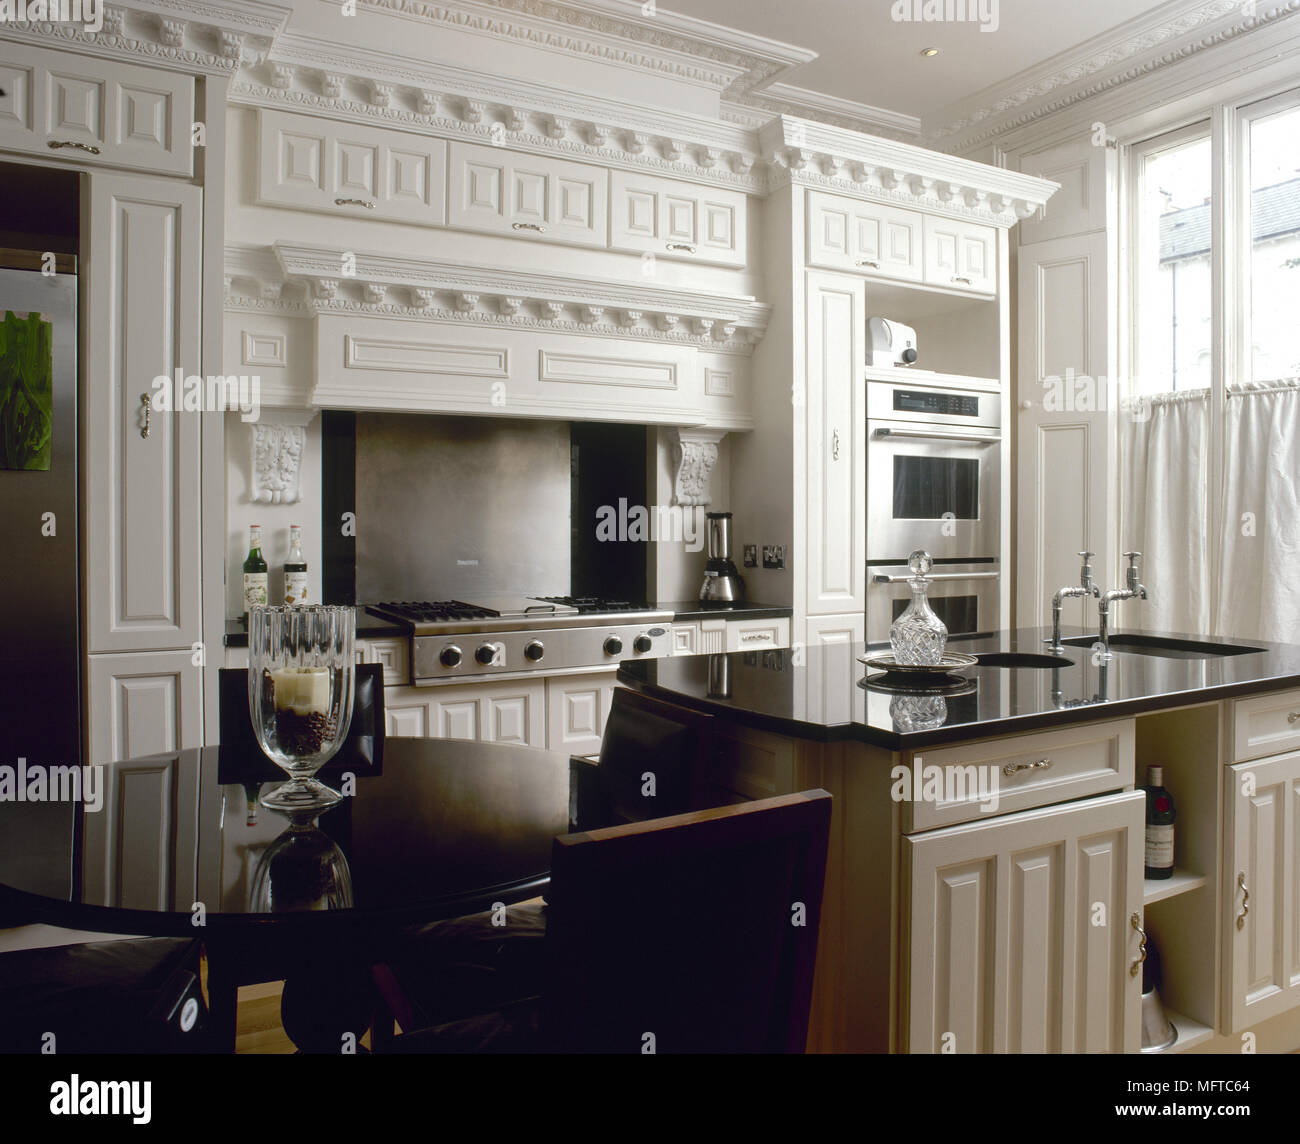 Berühmt Maßgeschneiderte Küche Design Edinburgh Bilder - Ideen Für ...